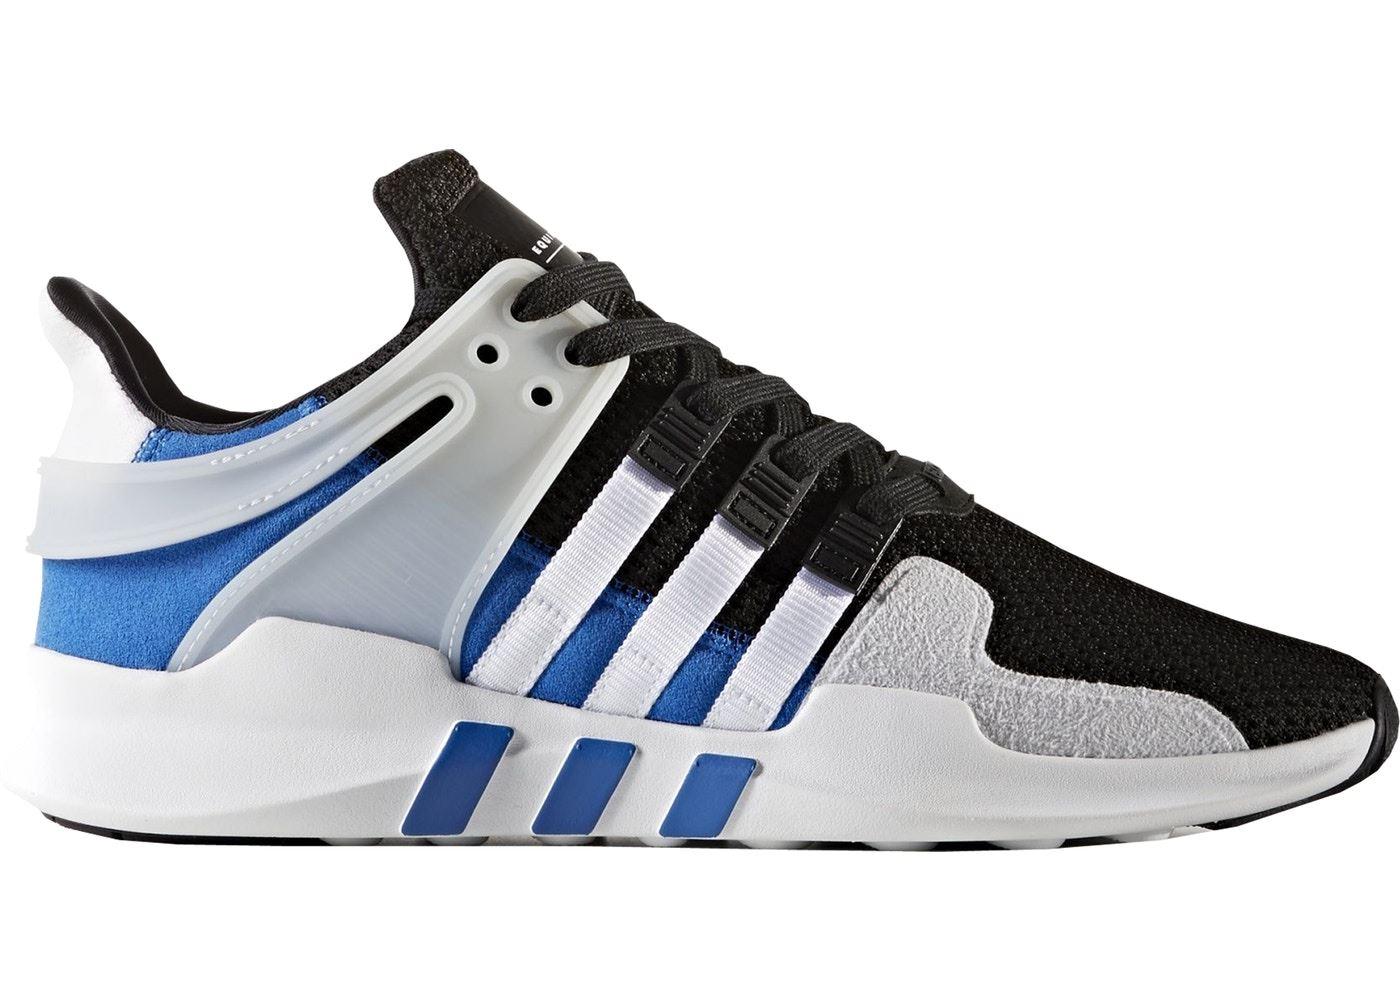 Adidas Adidas Adidas eqt unterstützung adv mens ausbilder - originale - rrp + retten £££ ist - die meisten größen 9227e4